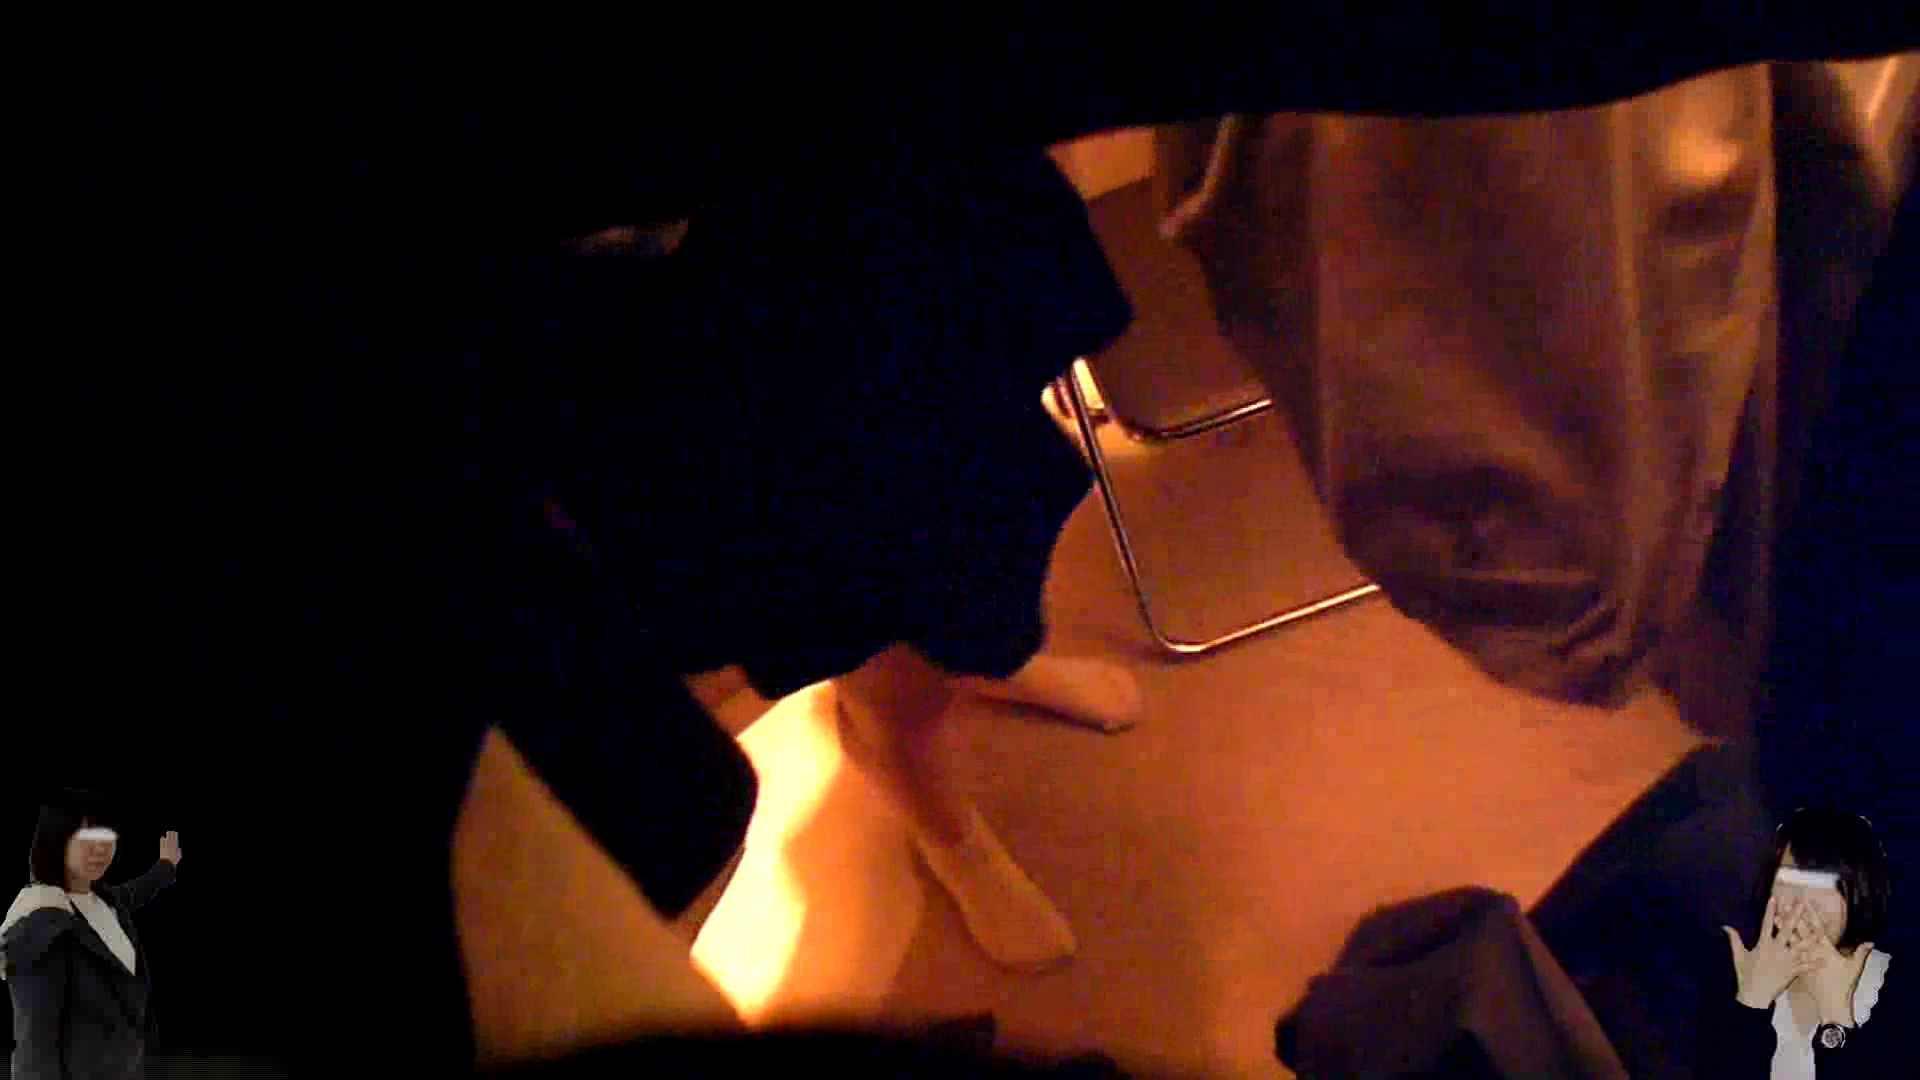 素人投稿 現役「JD」Eちゃんの着替え Vol.04 素人丸裸 おまんこ無修正動画無料 107pic 98